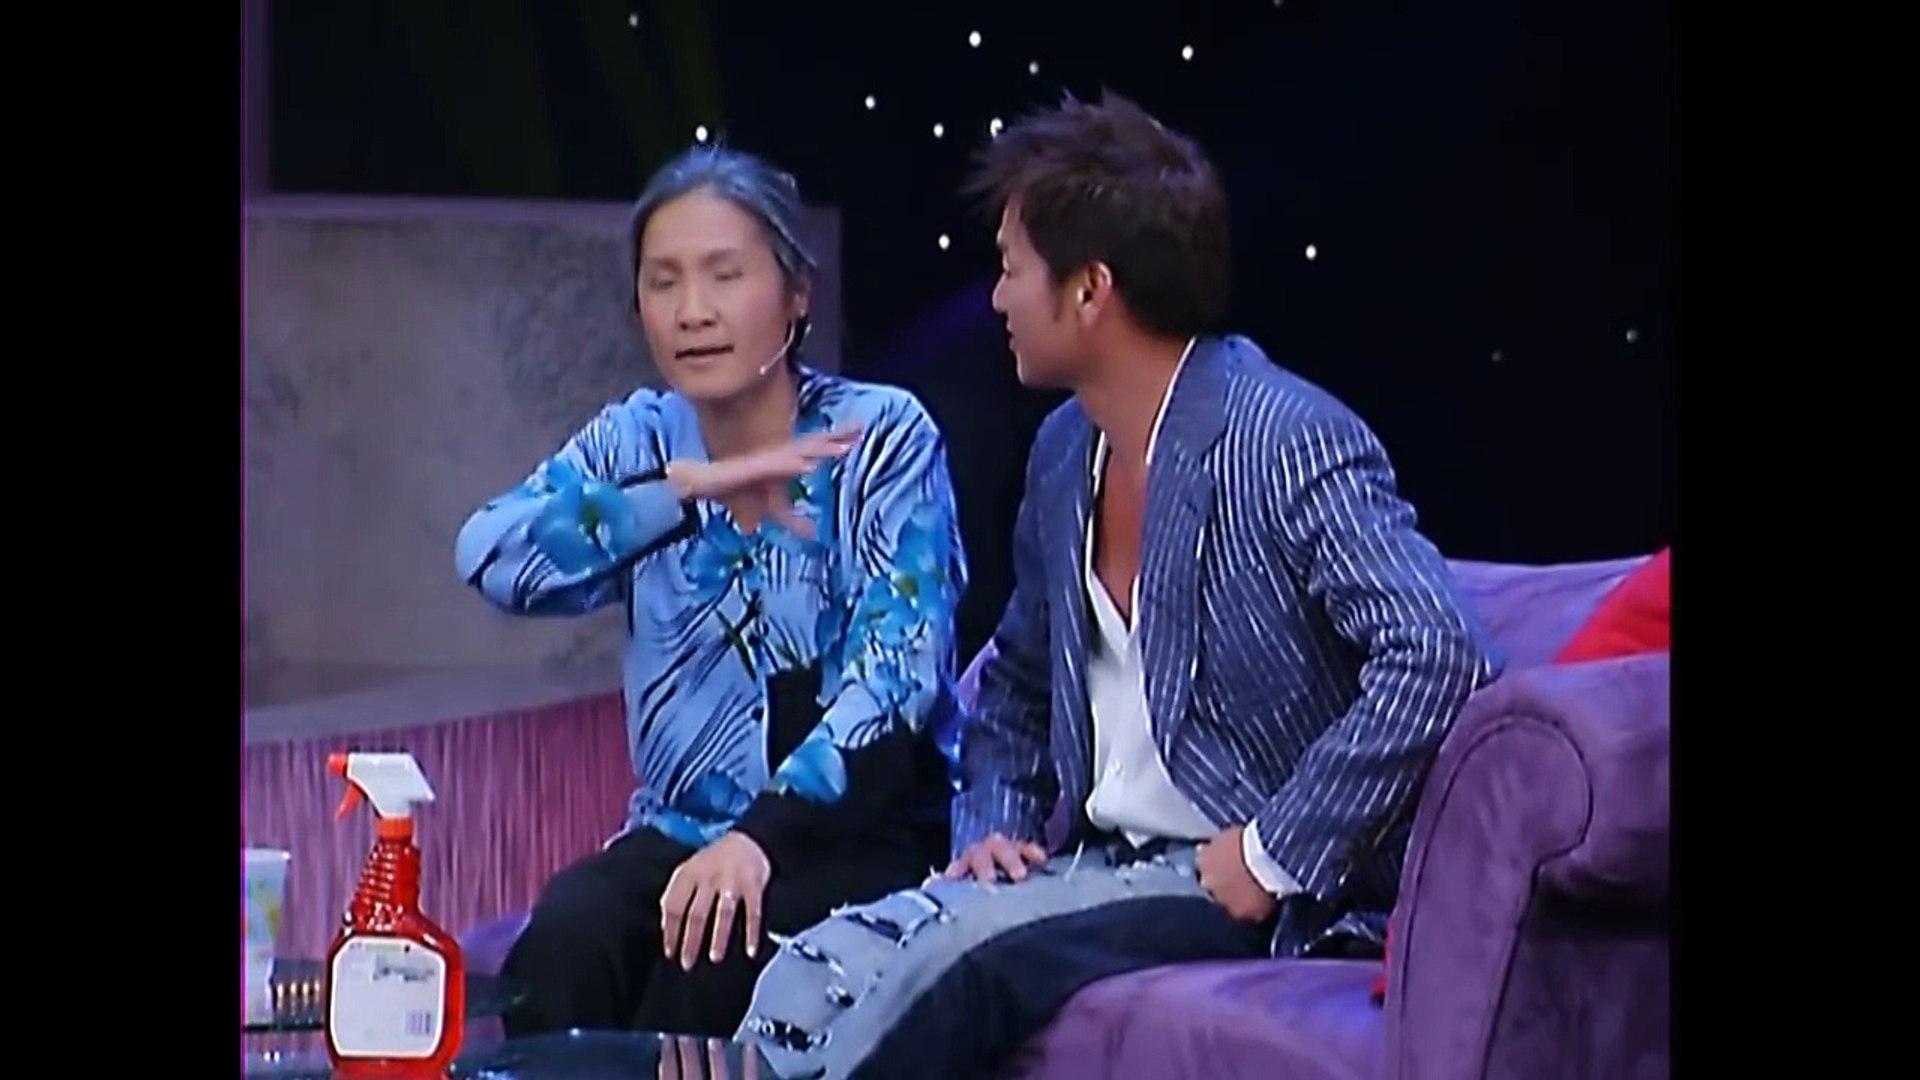 Hài Kịch - Hàng Độc - Quang Minh Ft Hồng Đào, Tracy Phạm - Vân Sơn 34 - Hài tuyển chọn hay nhất